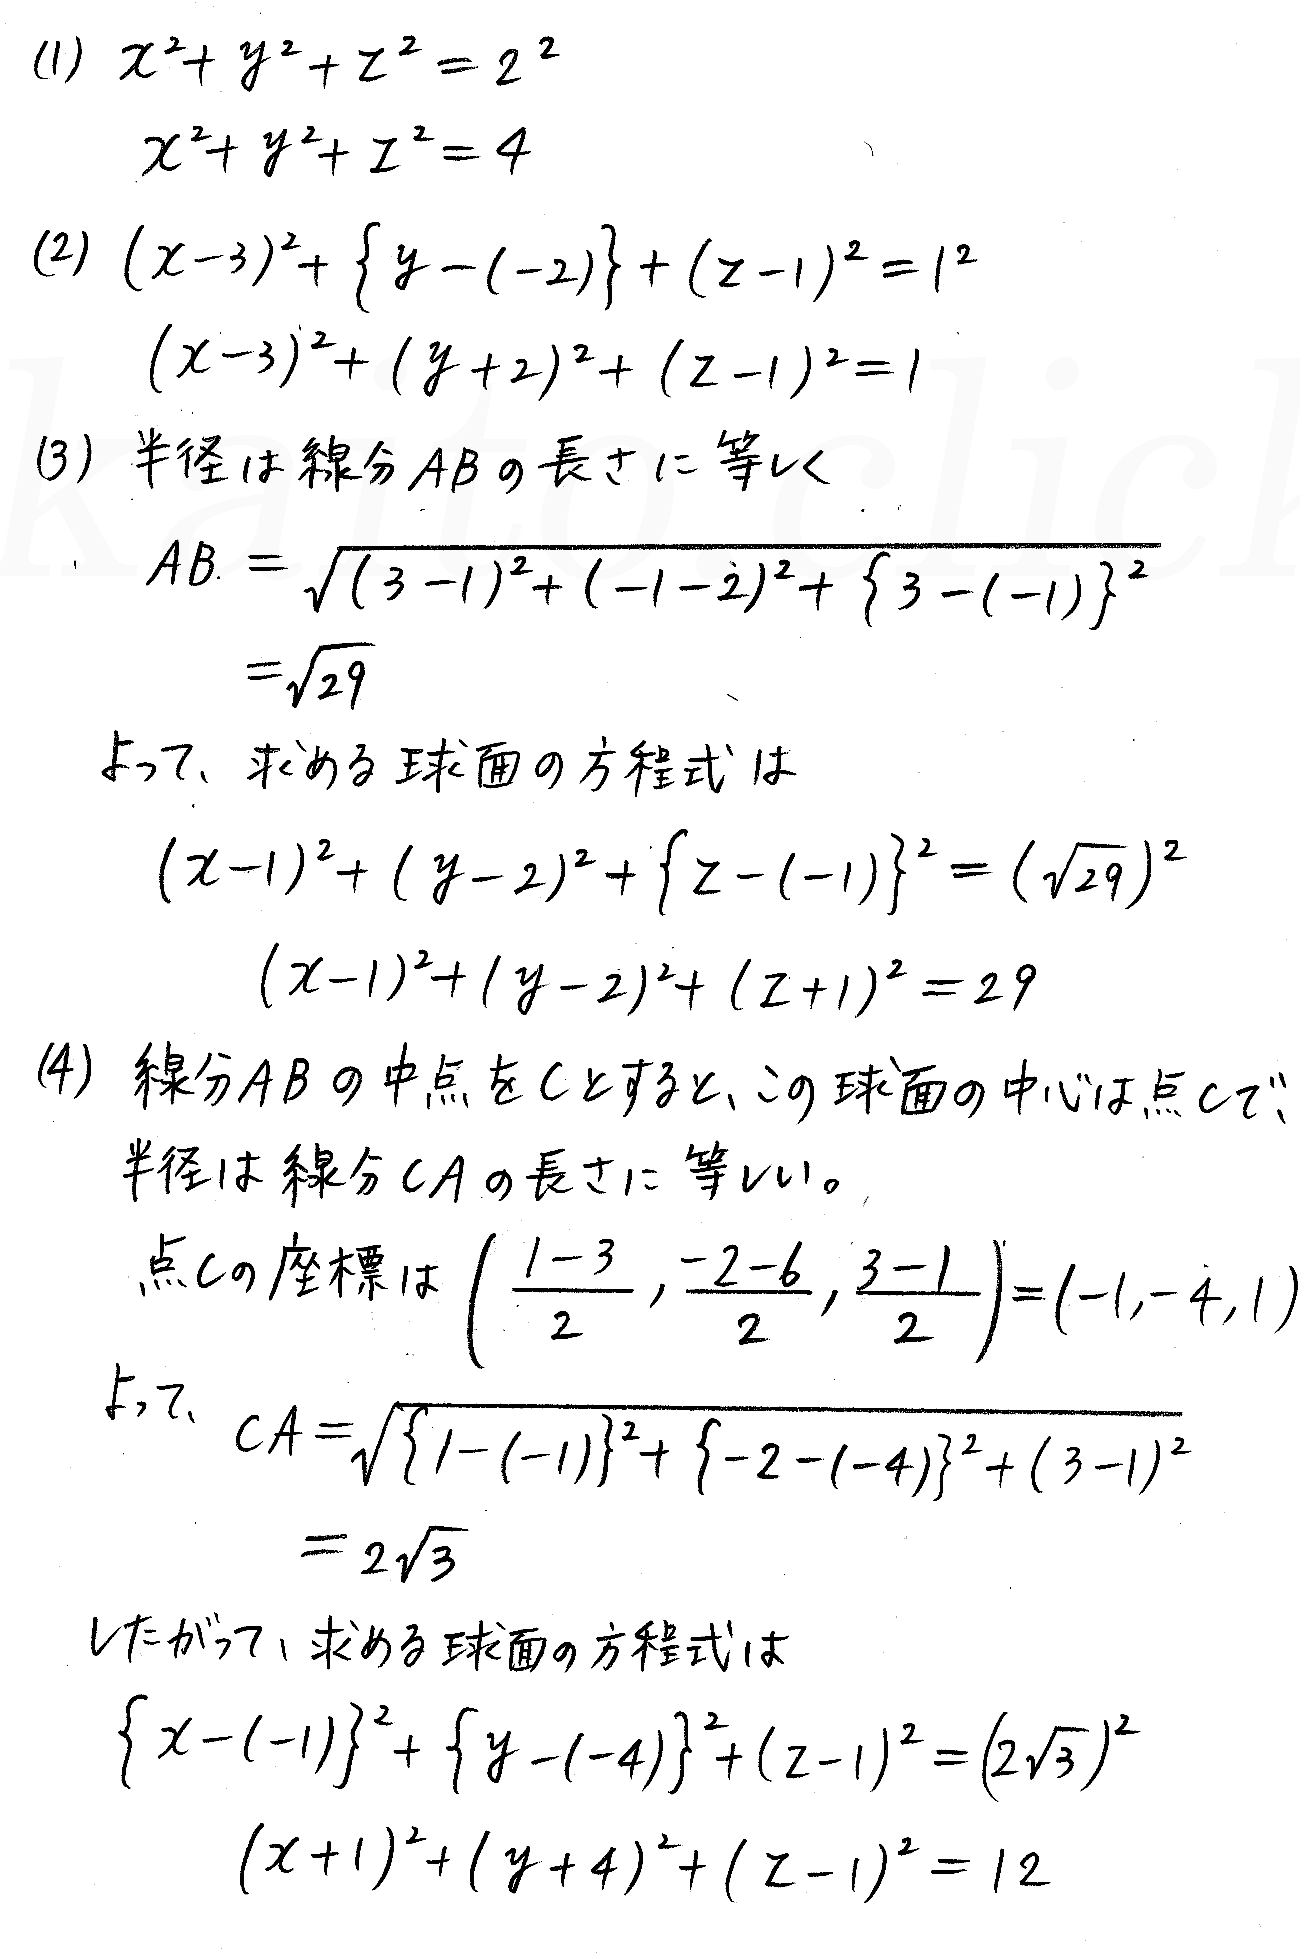 クリアー数学B-129解答